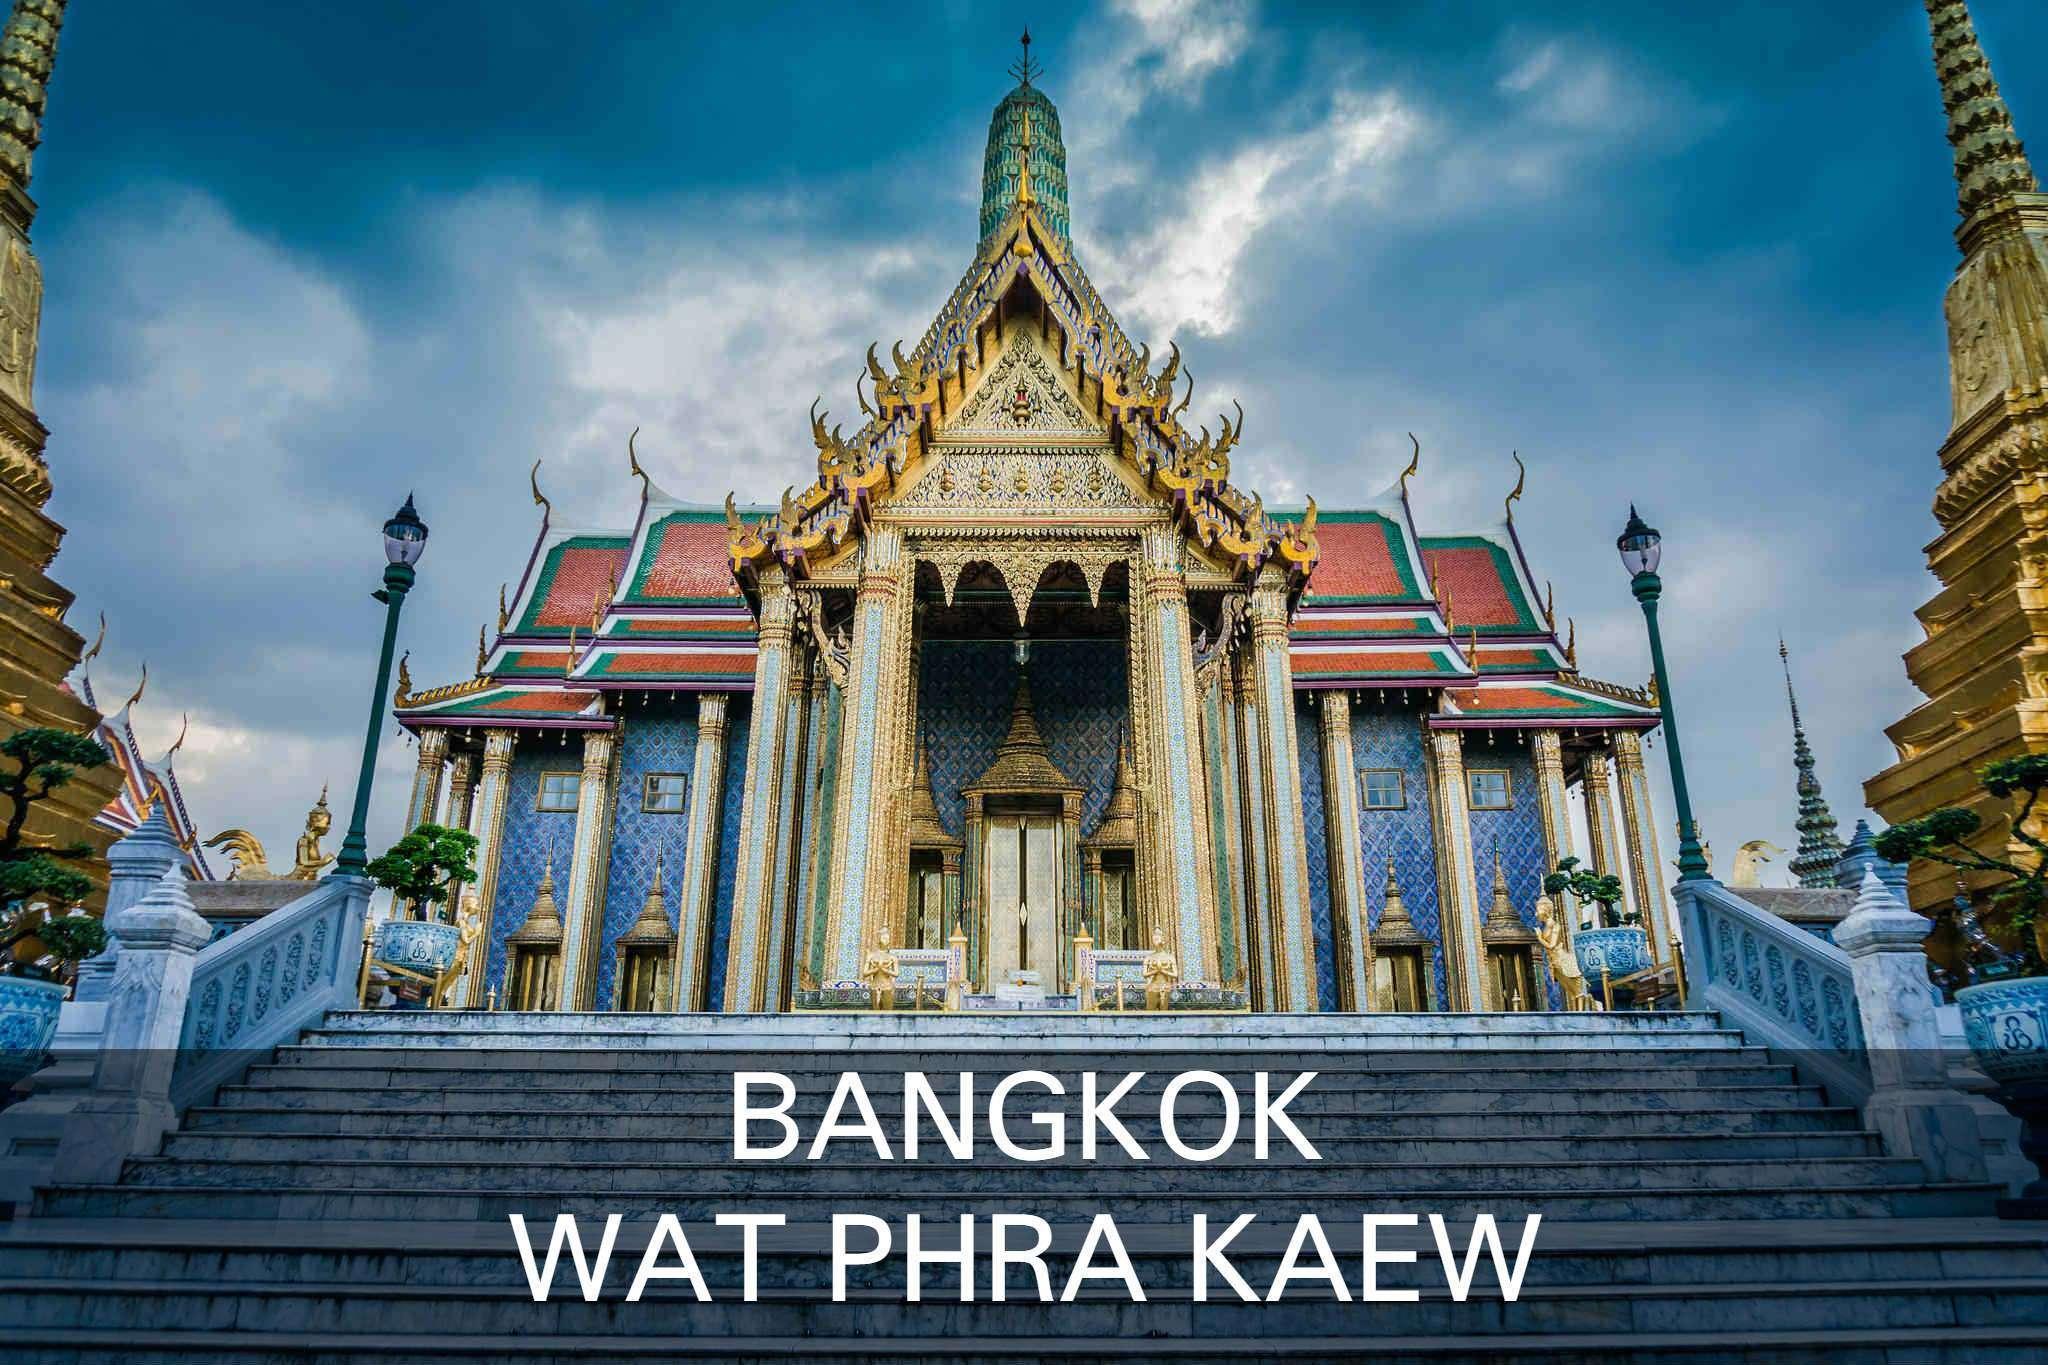 Wat Phra Kaew tempel emerald buddha in Bangkok, Thailand